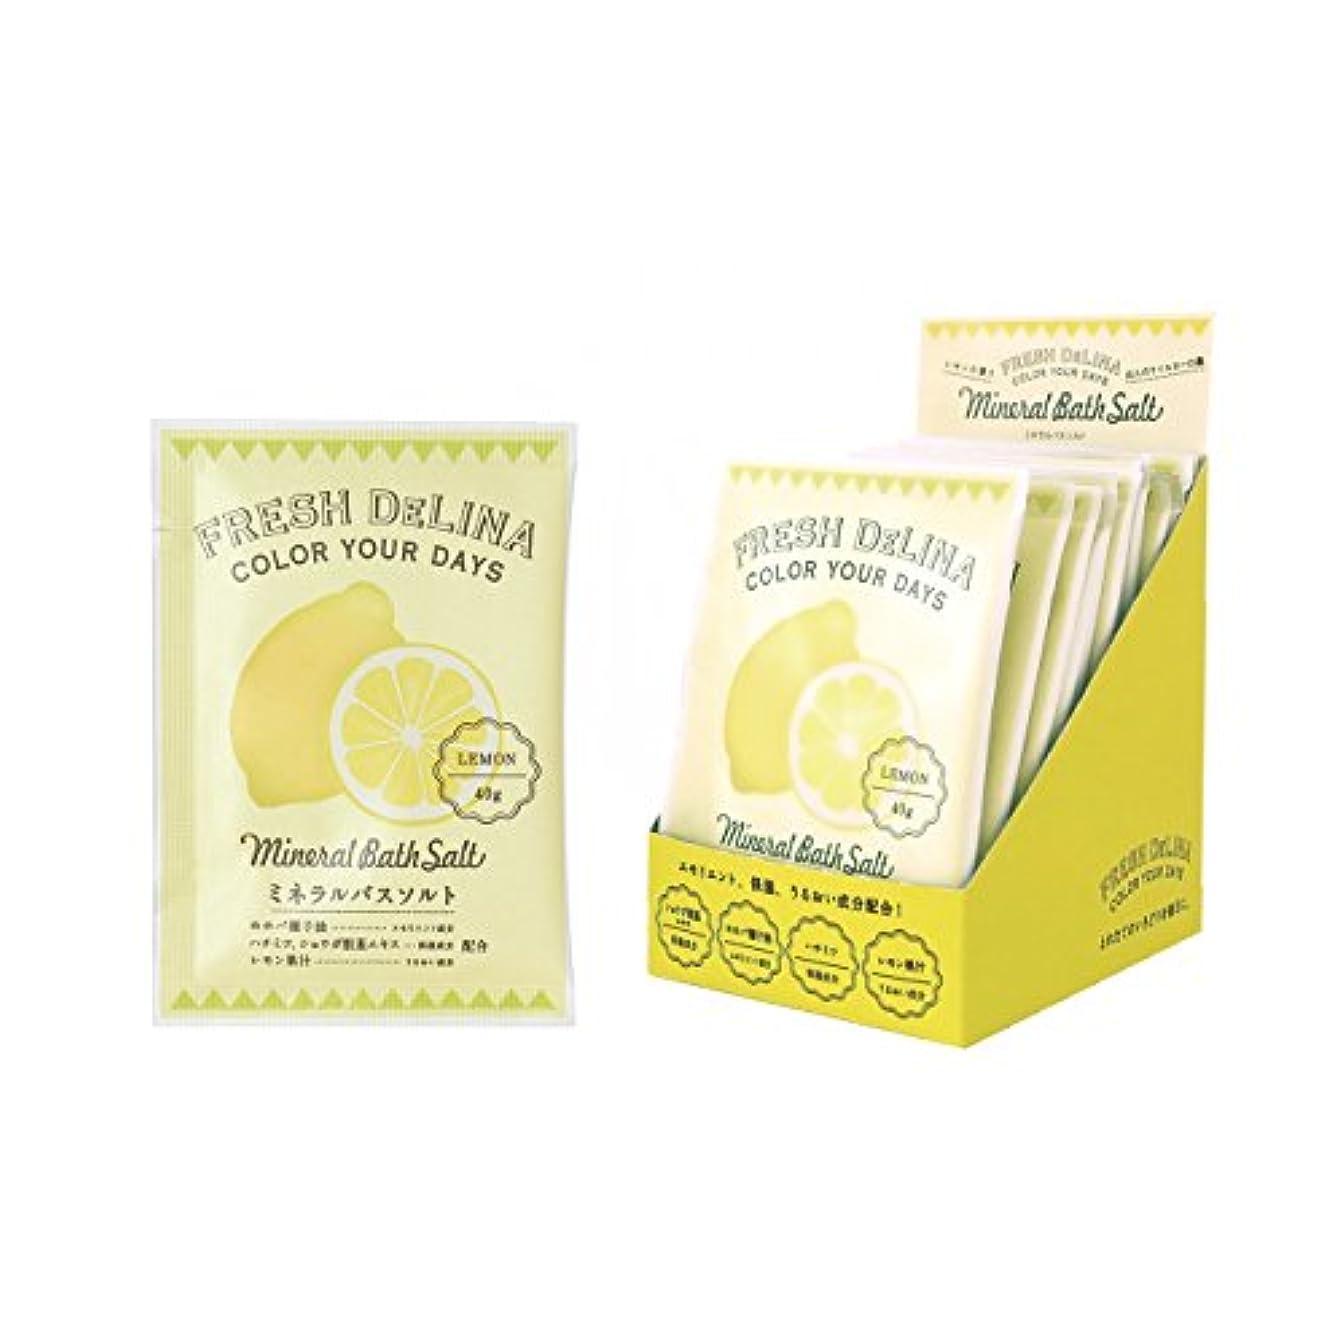 飛躍レパートリー思慮のないフレッシュデリーナ ミネラルバスソルト40g(レモン) 12個 (海塩タイプ入浴料 日本製 どこかなつかしいフレッシュなレモンの香り)